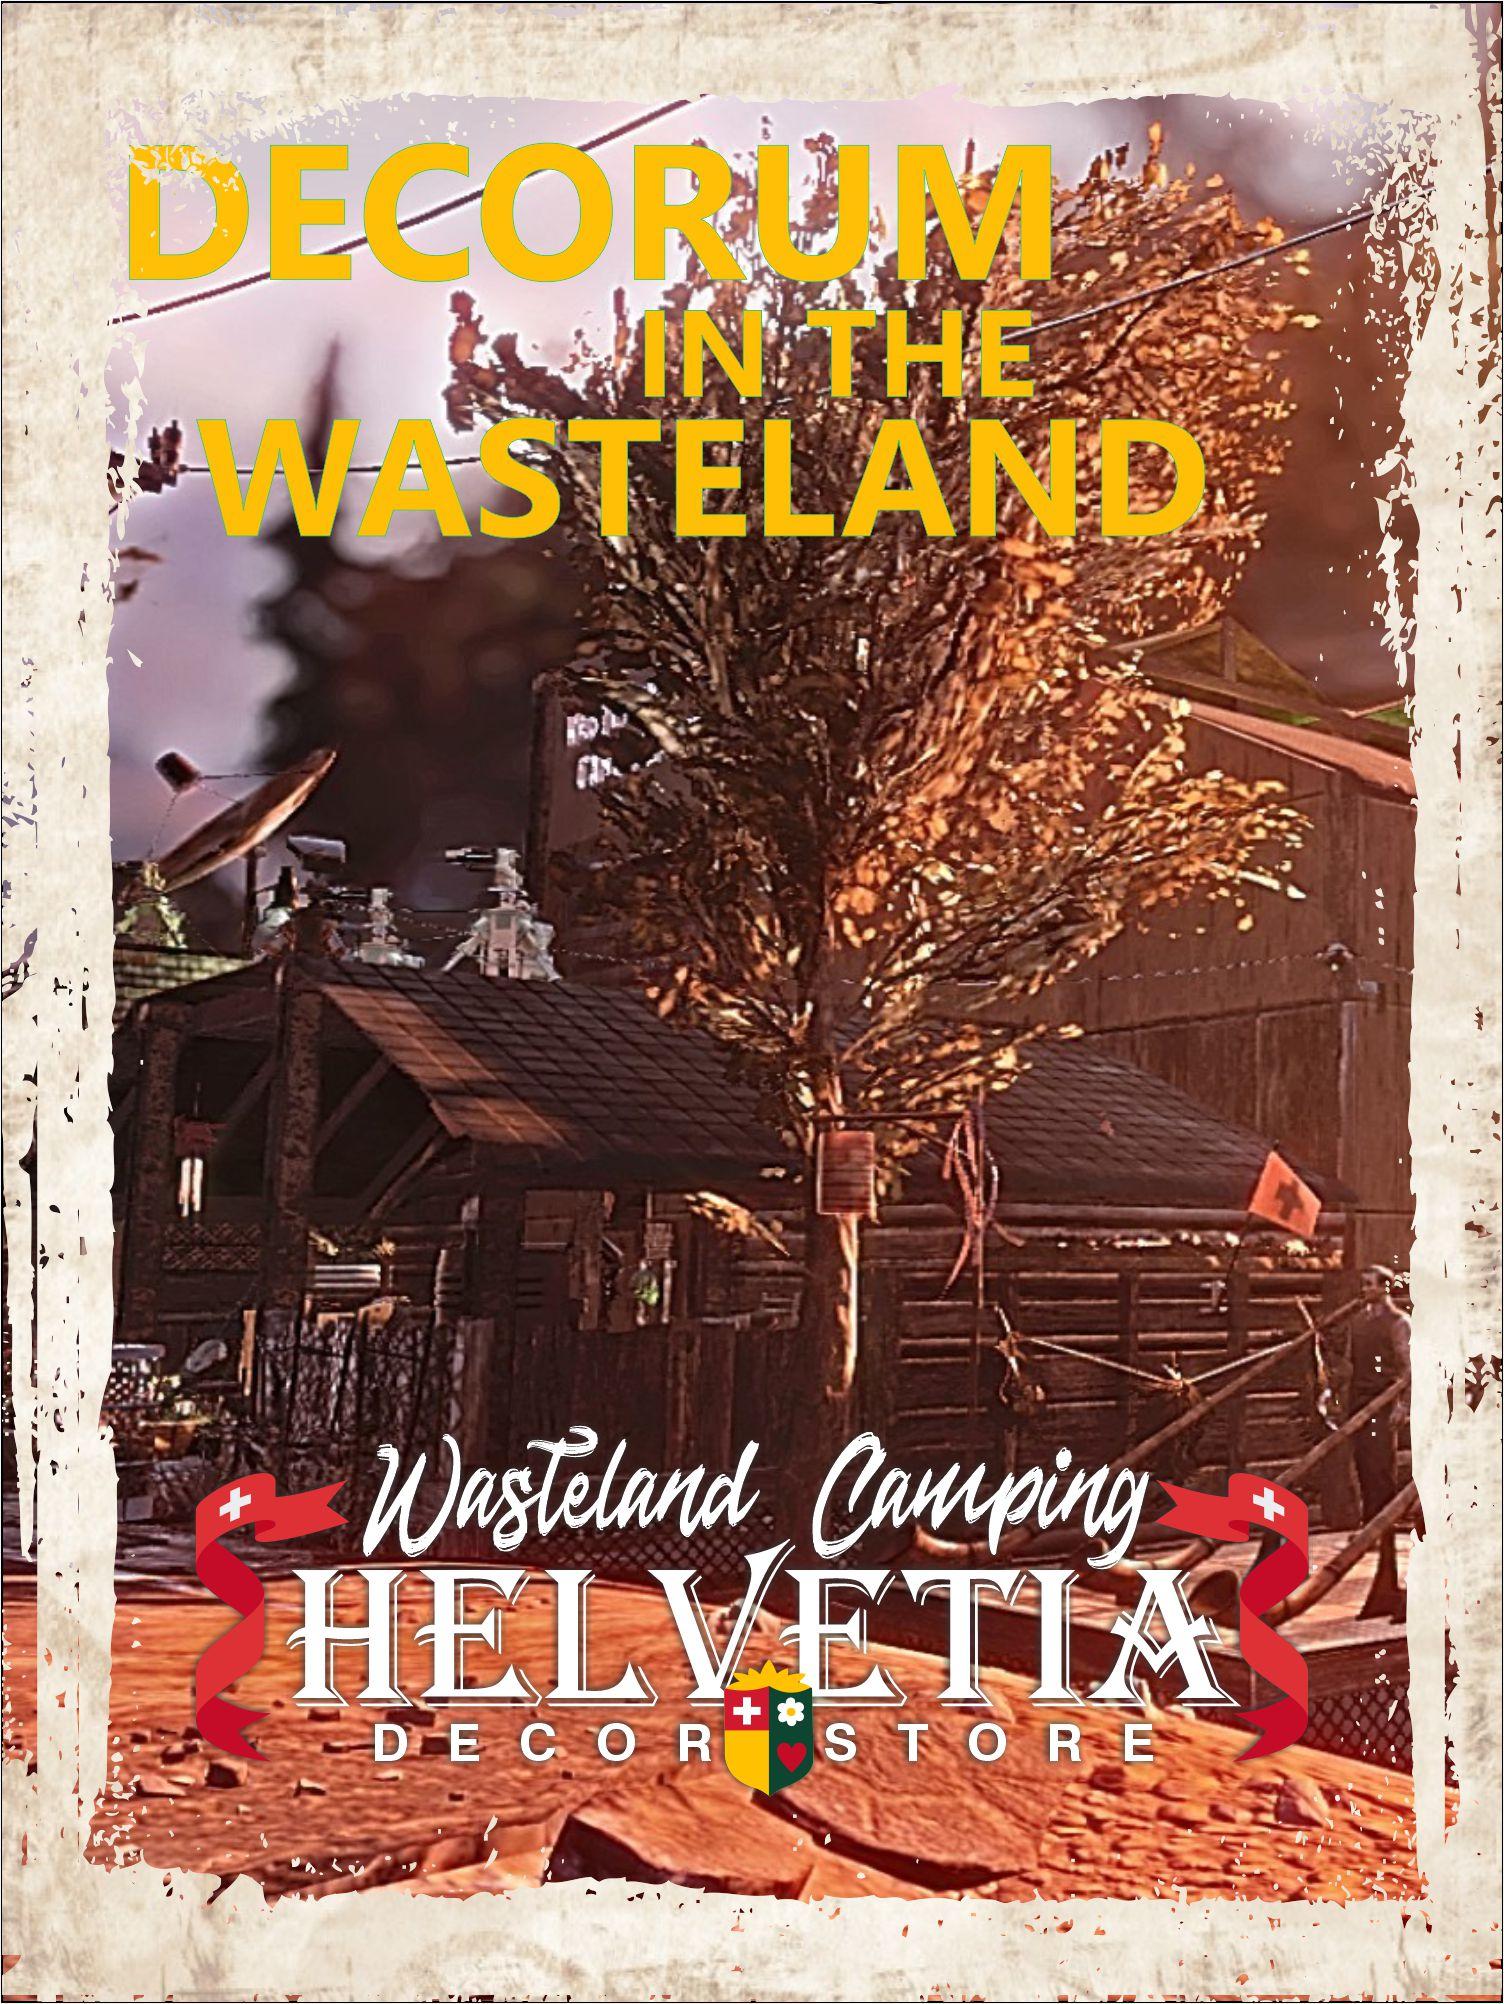 Helvetia Decor Store